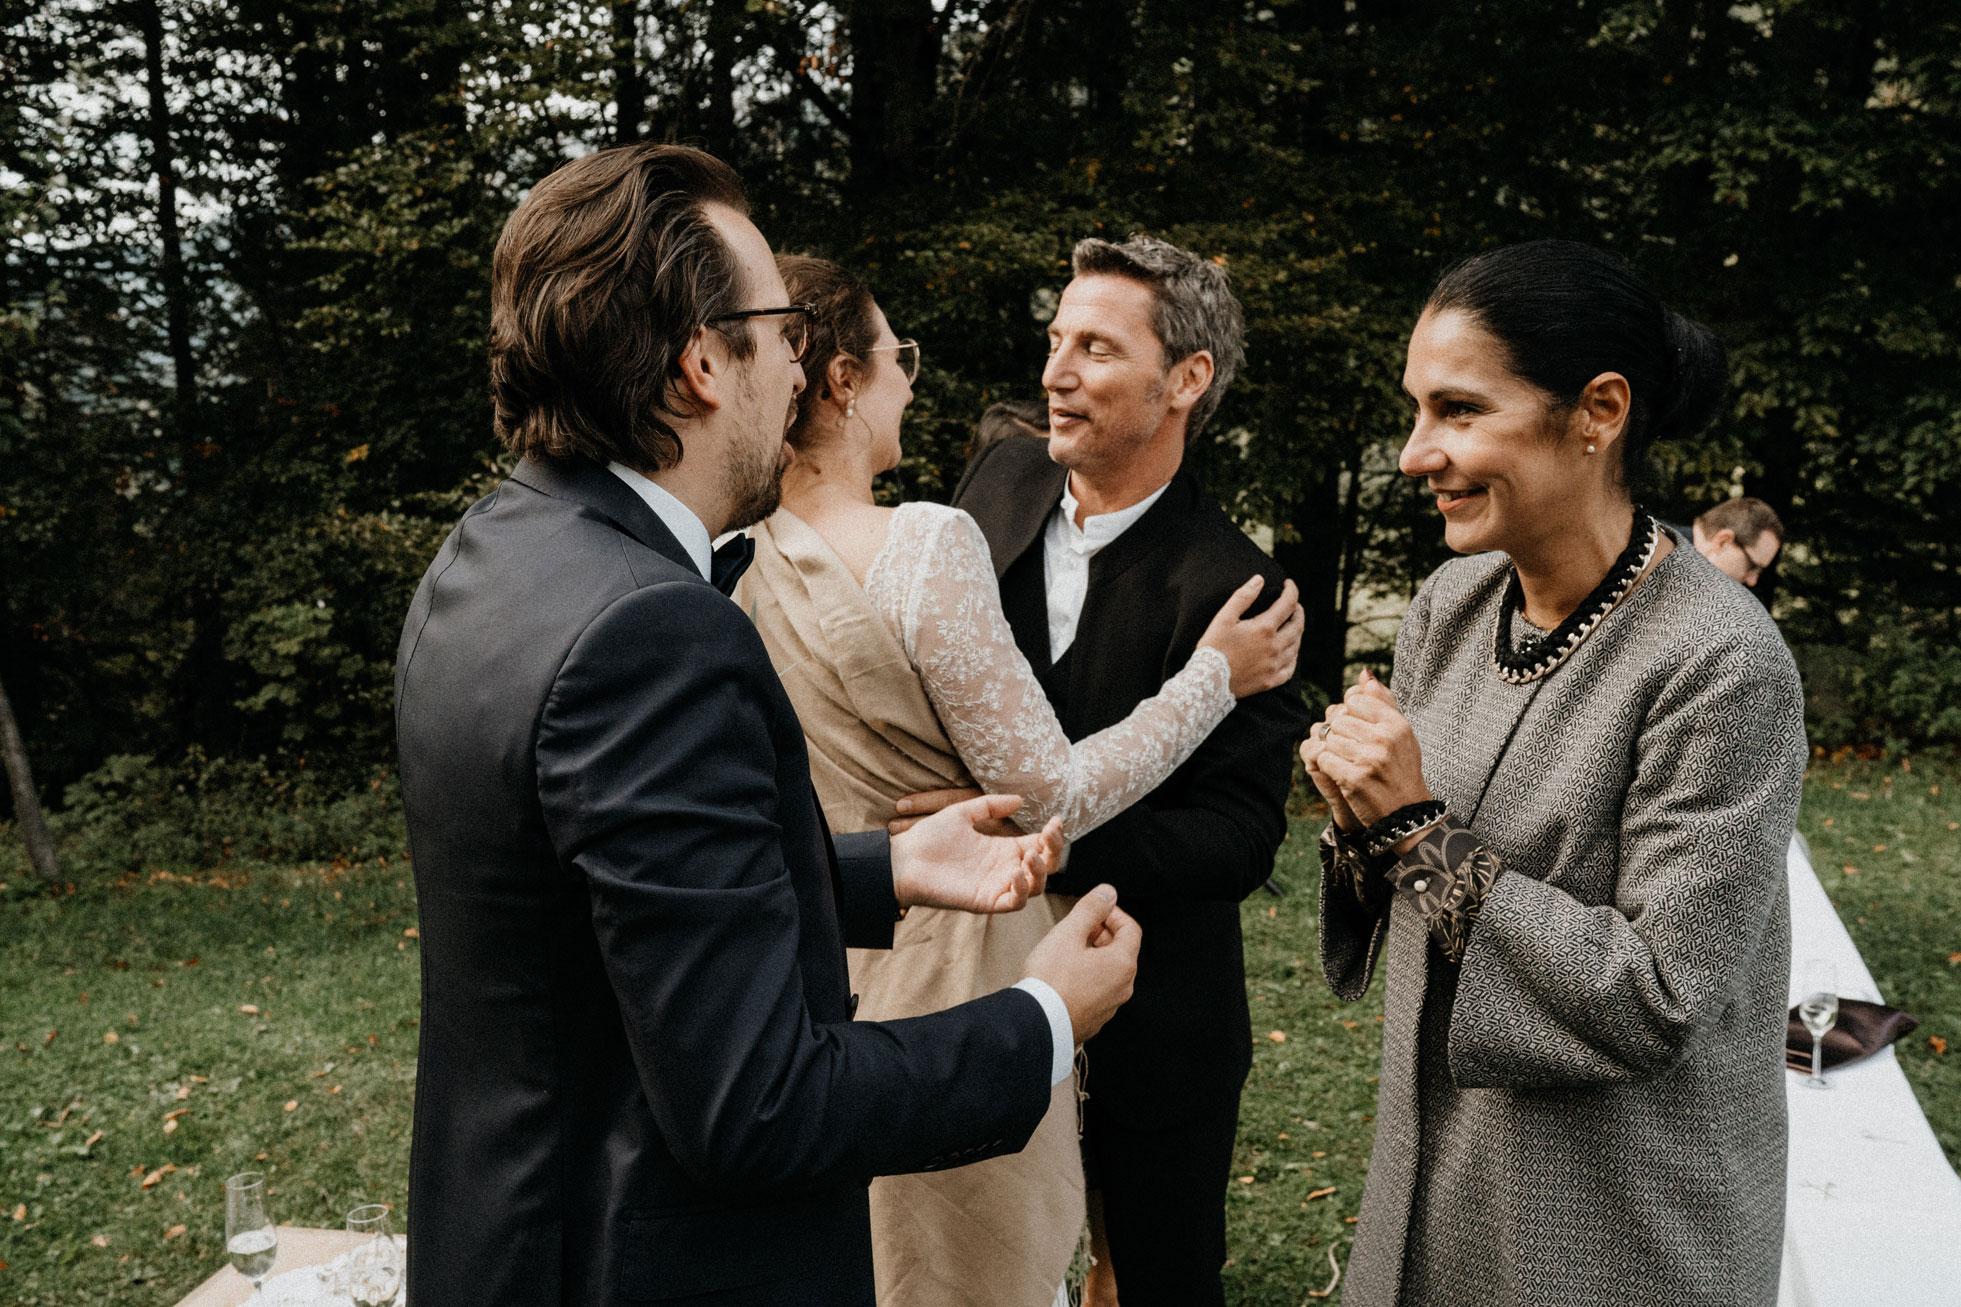 Hochzeit_Claire_Manuel_Villa_Maund_Daniel_Jenny-308.jpg